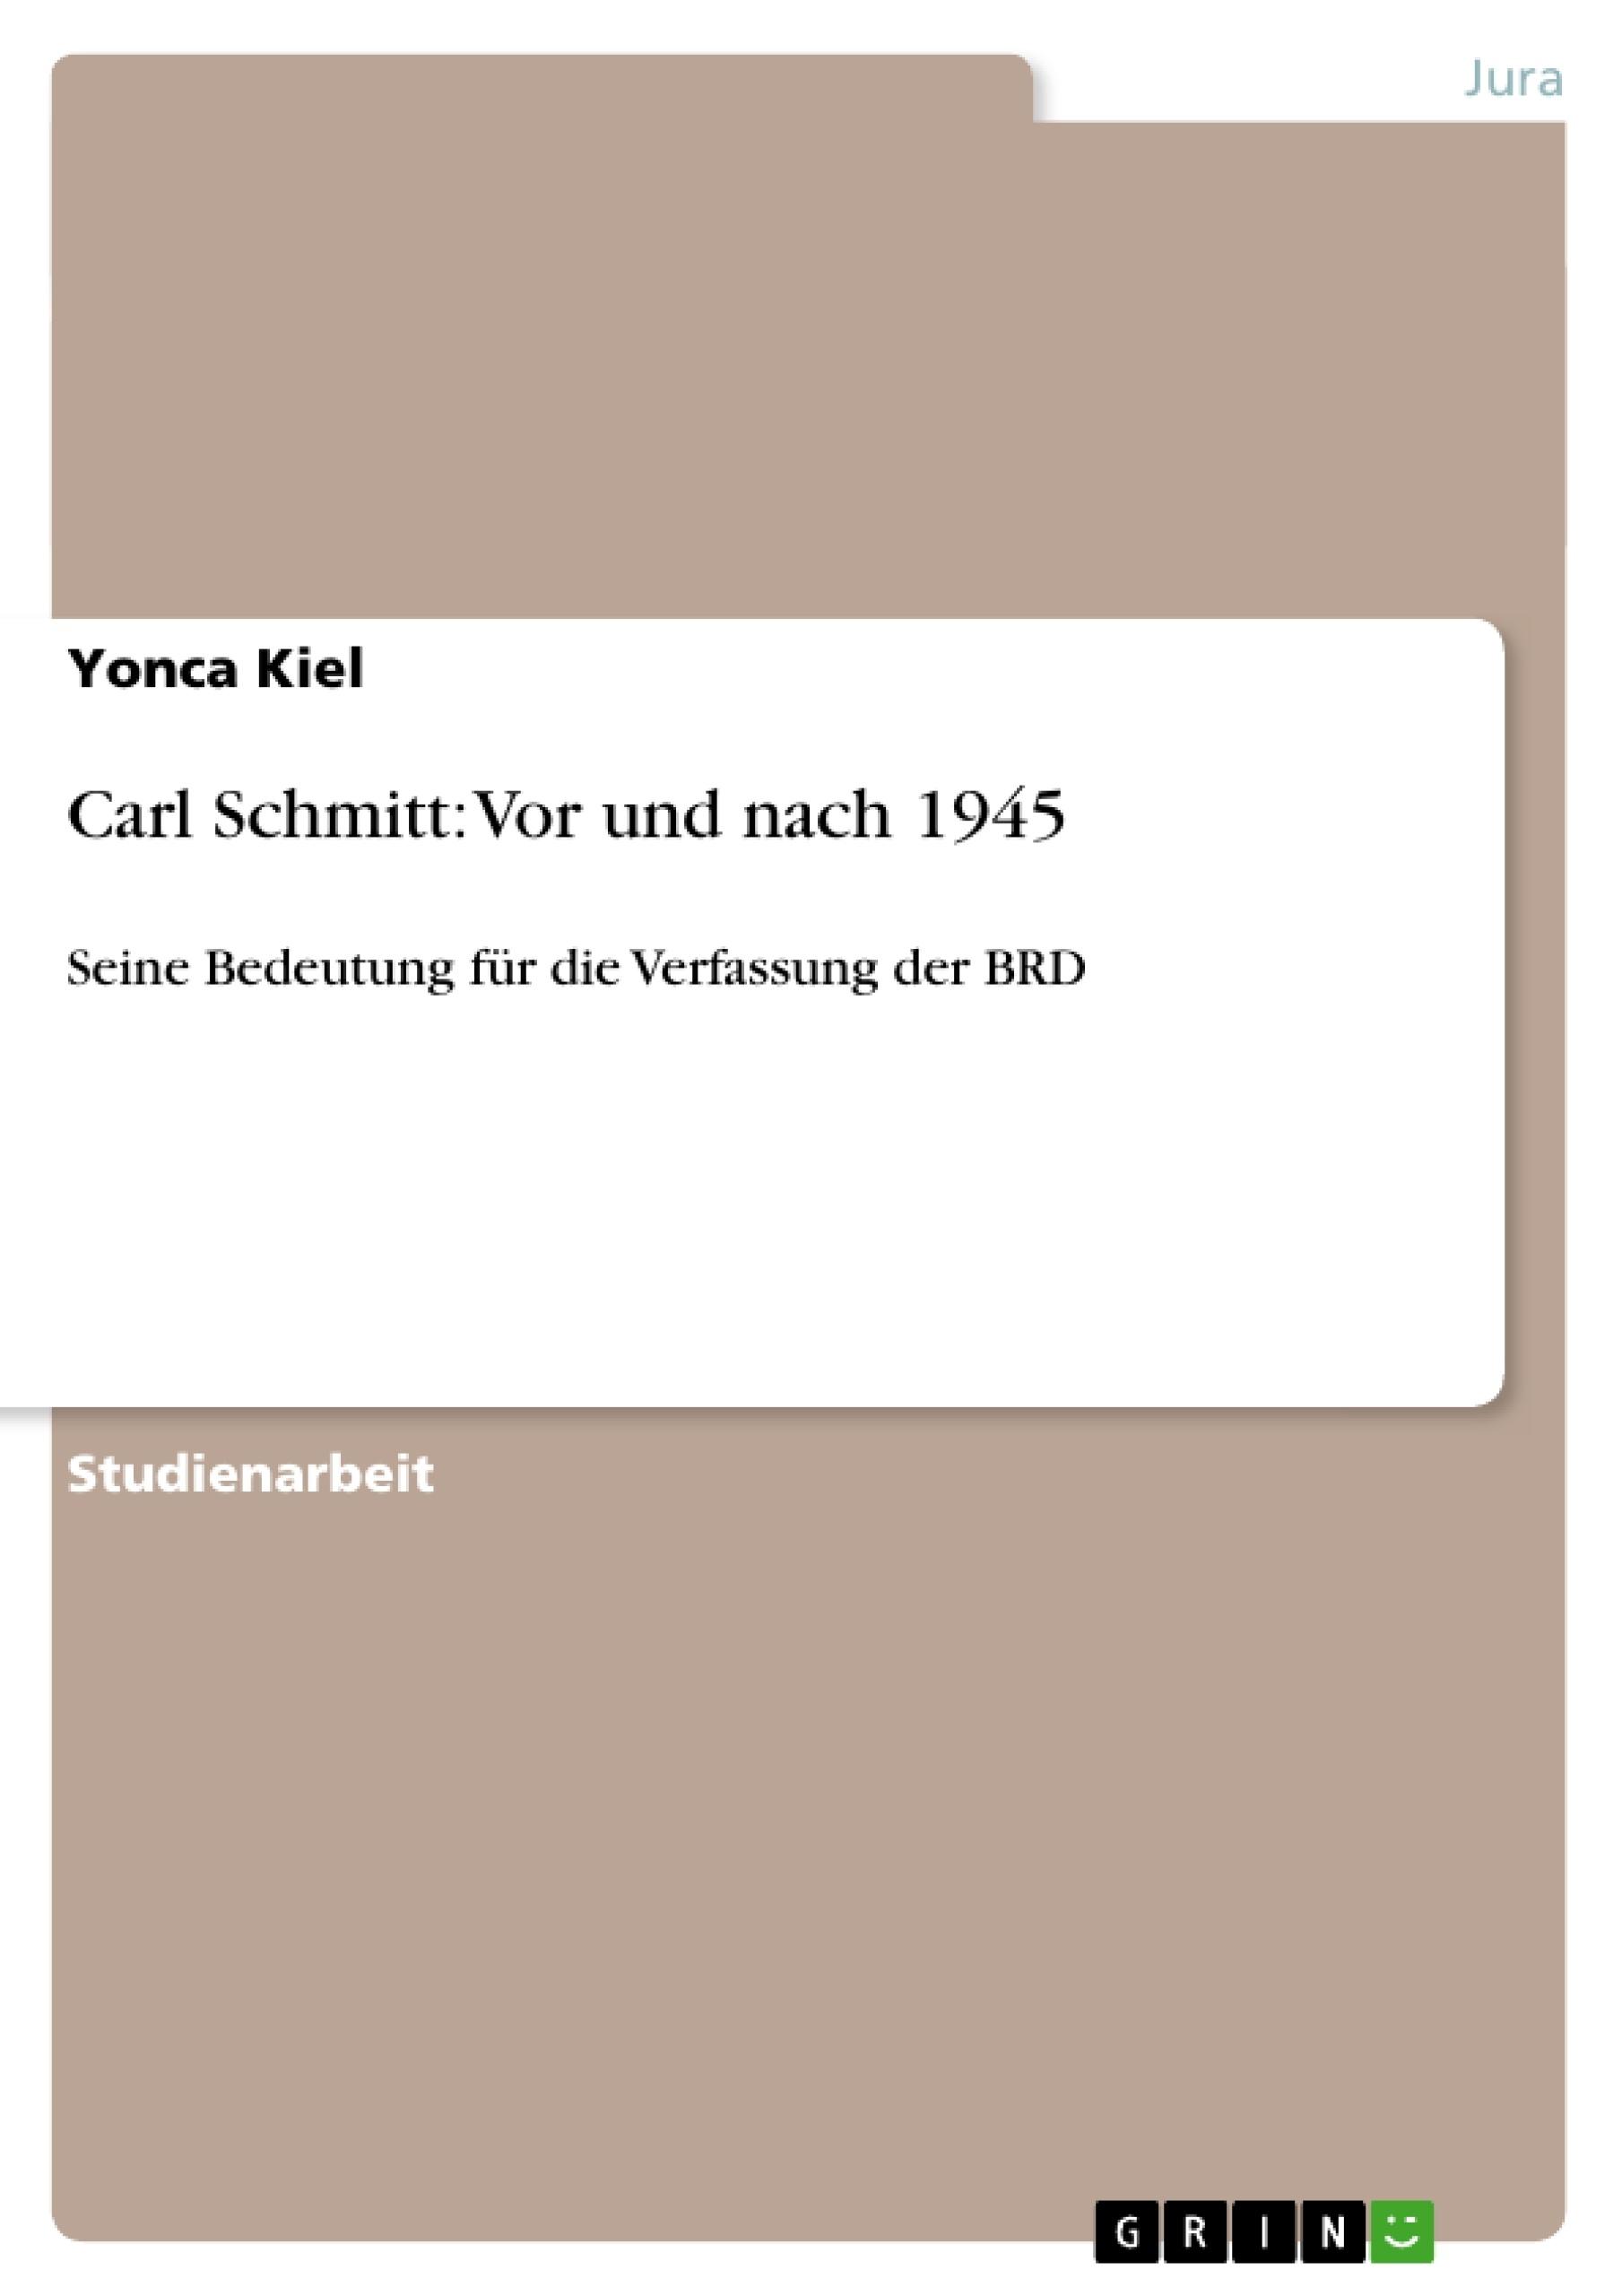 Titel: Carl Schmitt: Vor und nach 1945